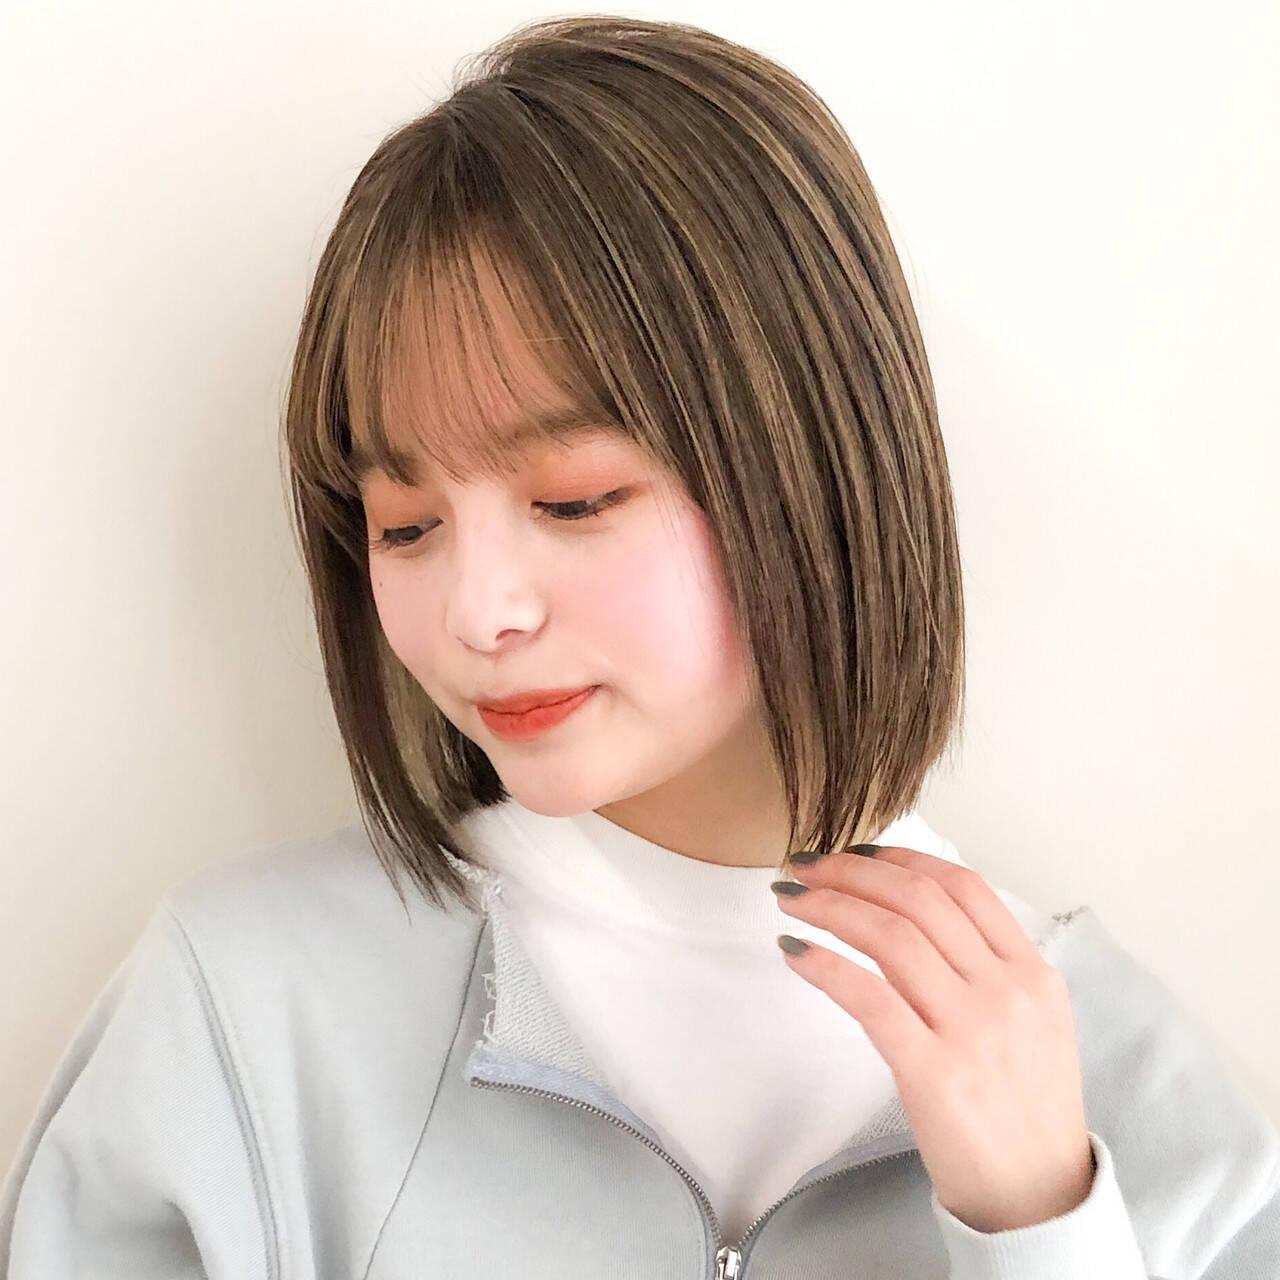 切りっぱなしボブ デジタルパーマ インナーカラー ミニボブヘアスタイルや髪型の写真・画像